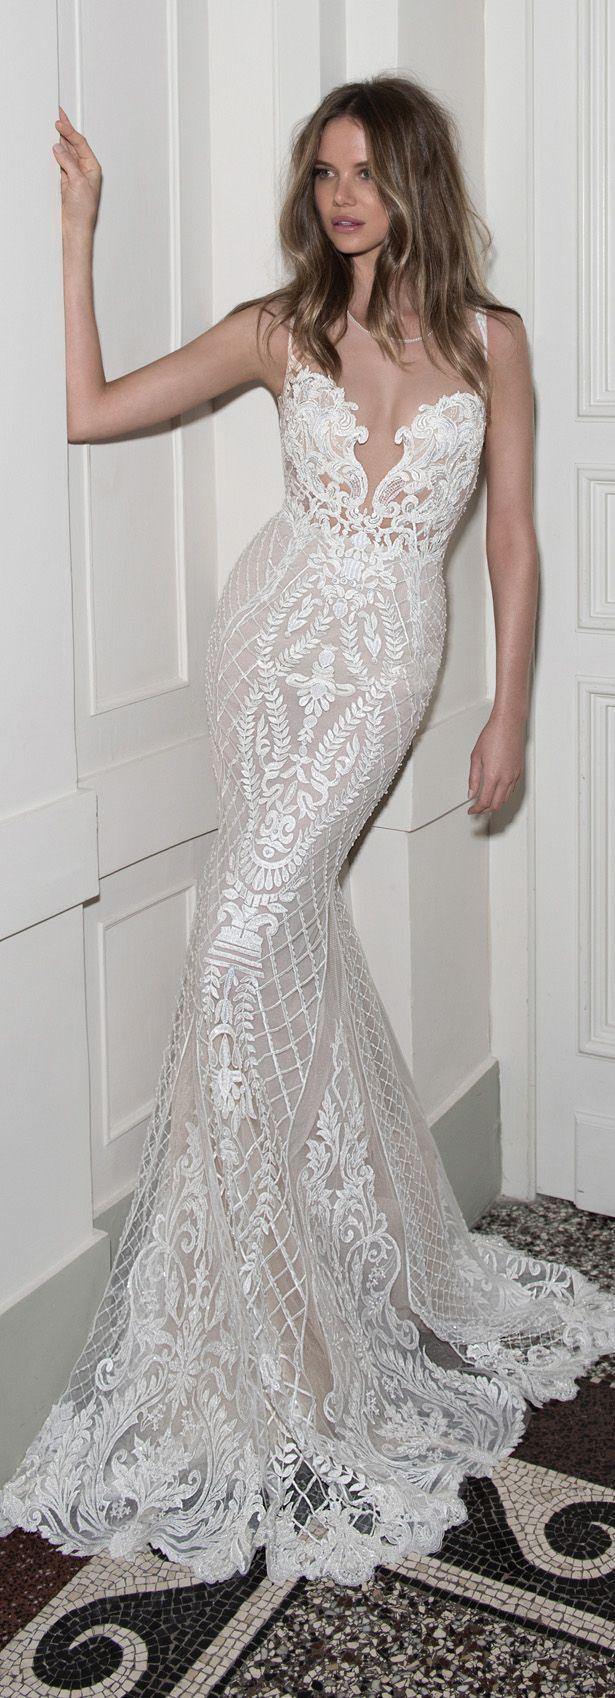 398 best Brautkleid images on Pinterest | Hochzeitskleider, Boda und ...